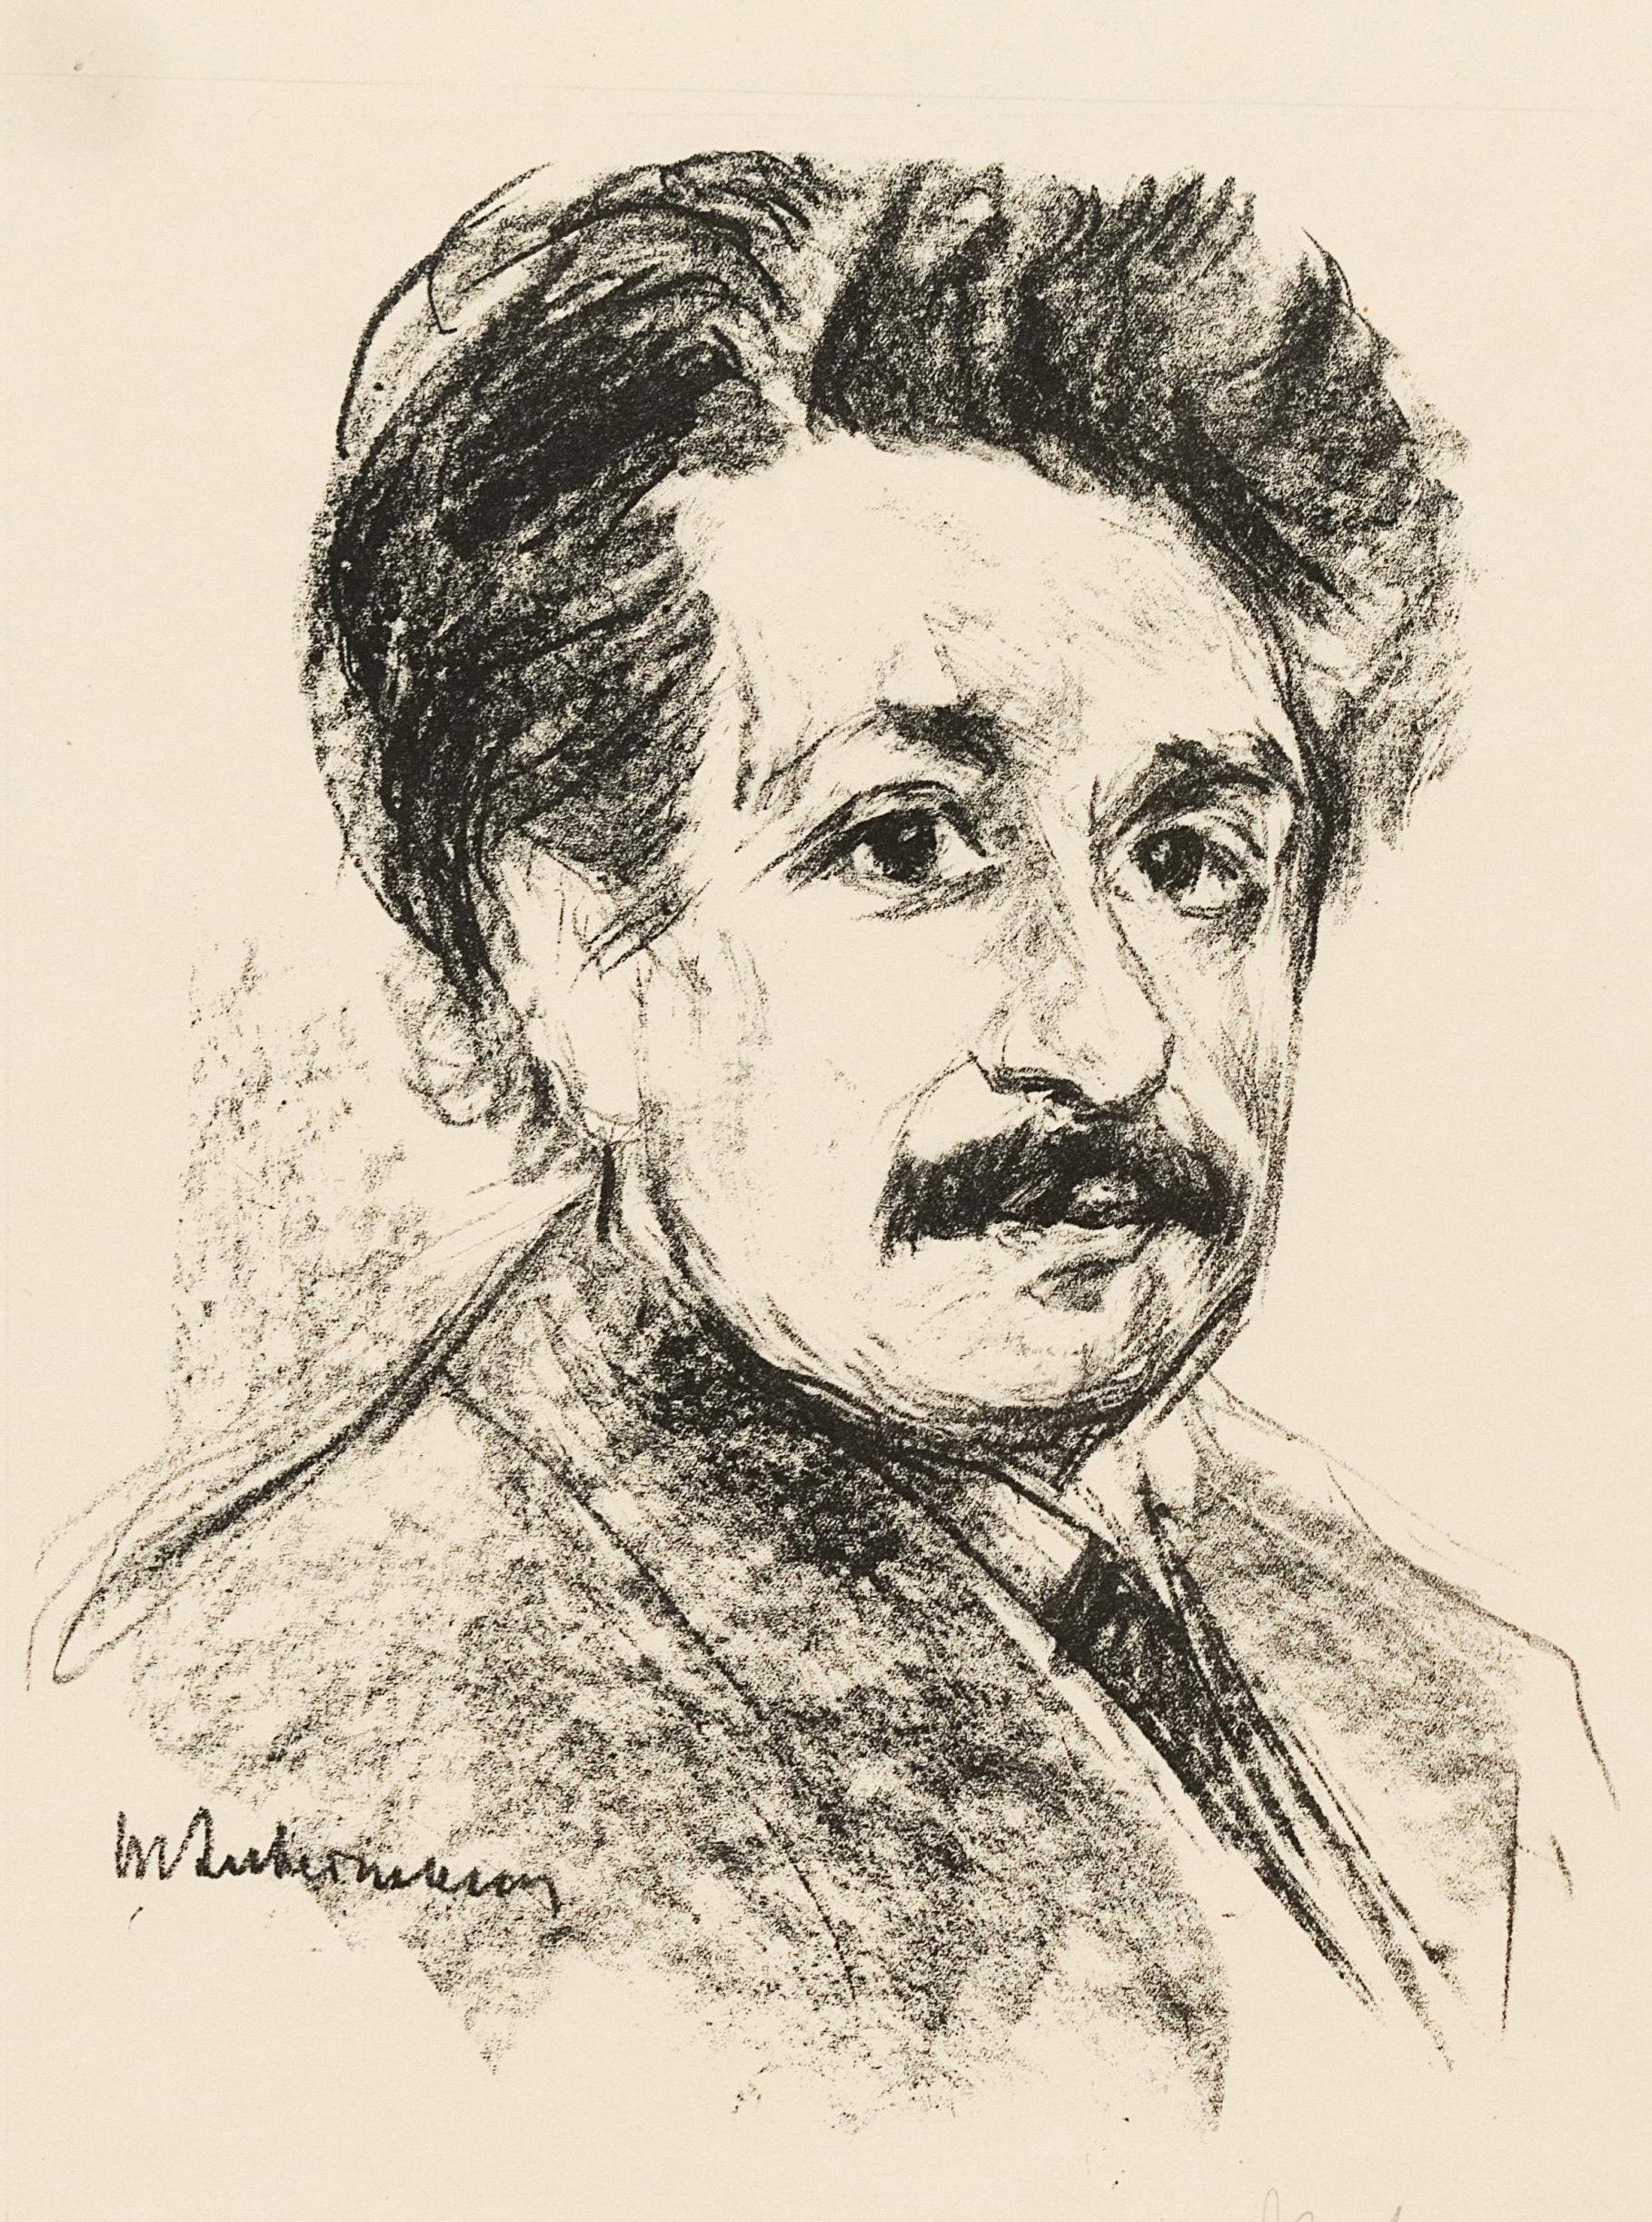 Człowiek, który okradł swoją żonę z jej życiowego szczęścia, naukowego dorobku? Litografia przedstawiająca Alberta Einsteina w 1925 roku, wykonana przez Maxa Liebermanna (domena publiczna).